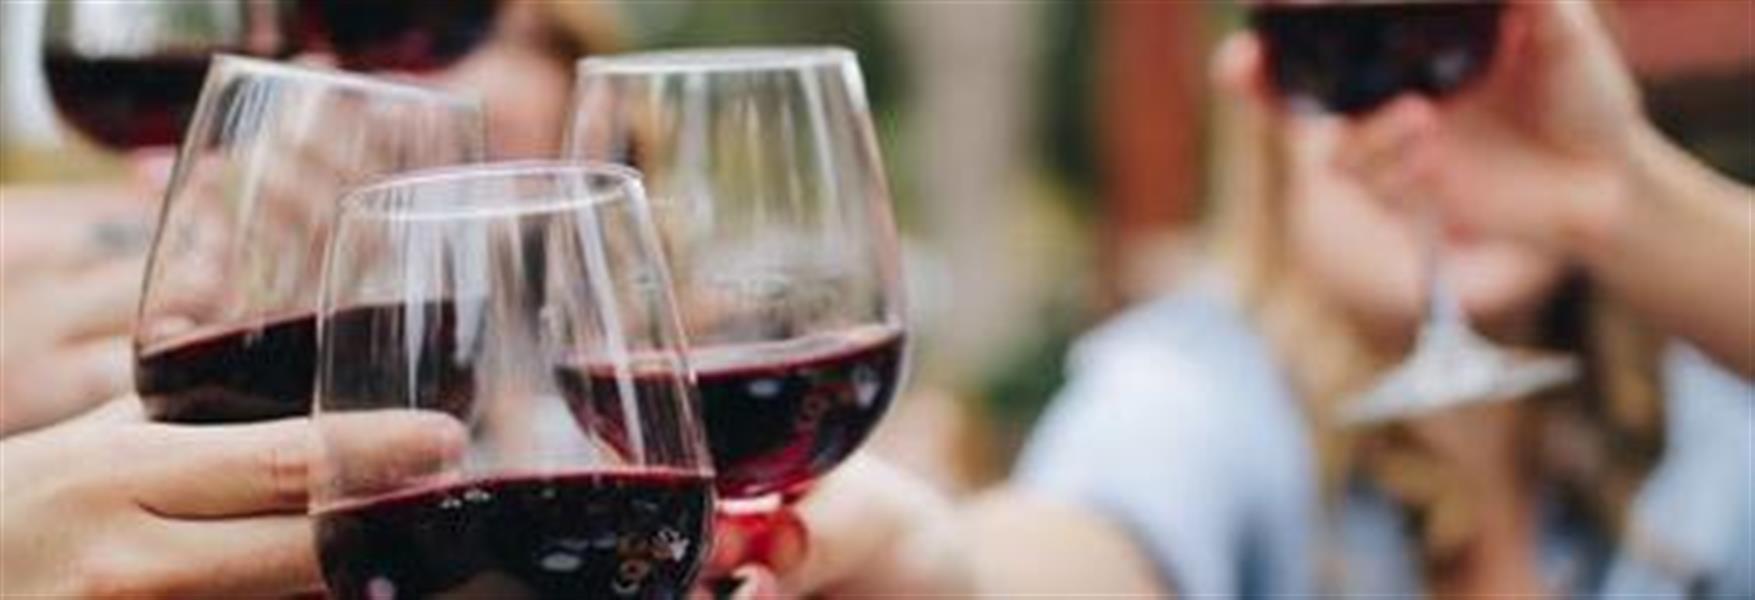 272692ba-2349-492a-83e2-a40ba89510c1_wine toast.jpg